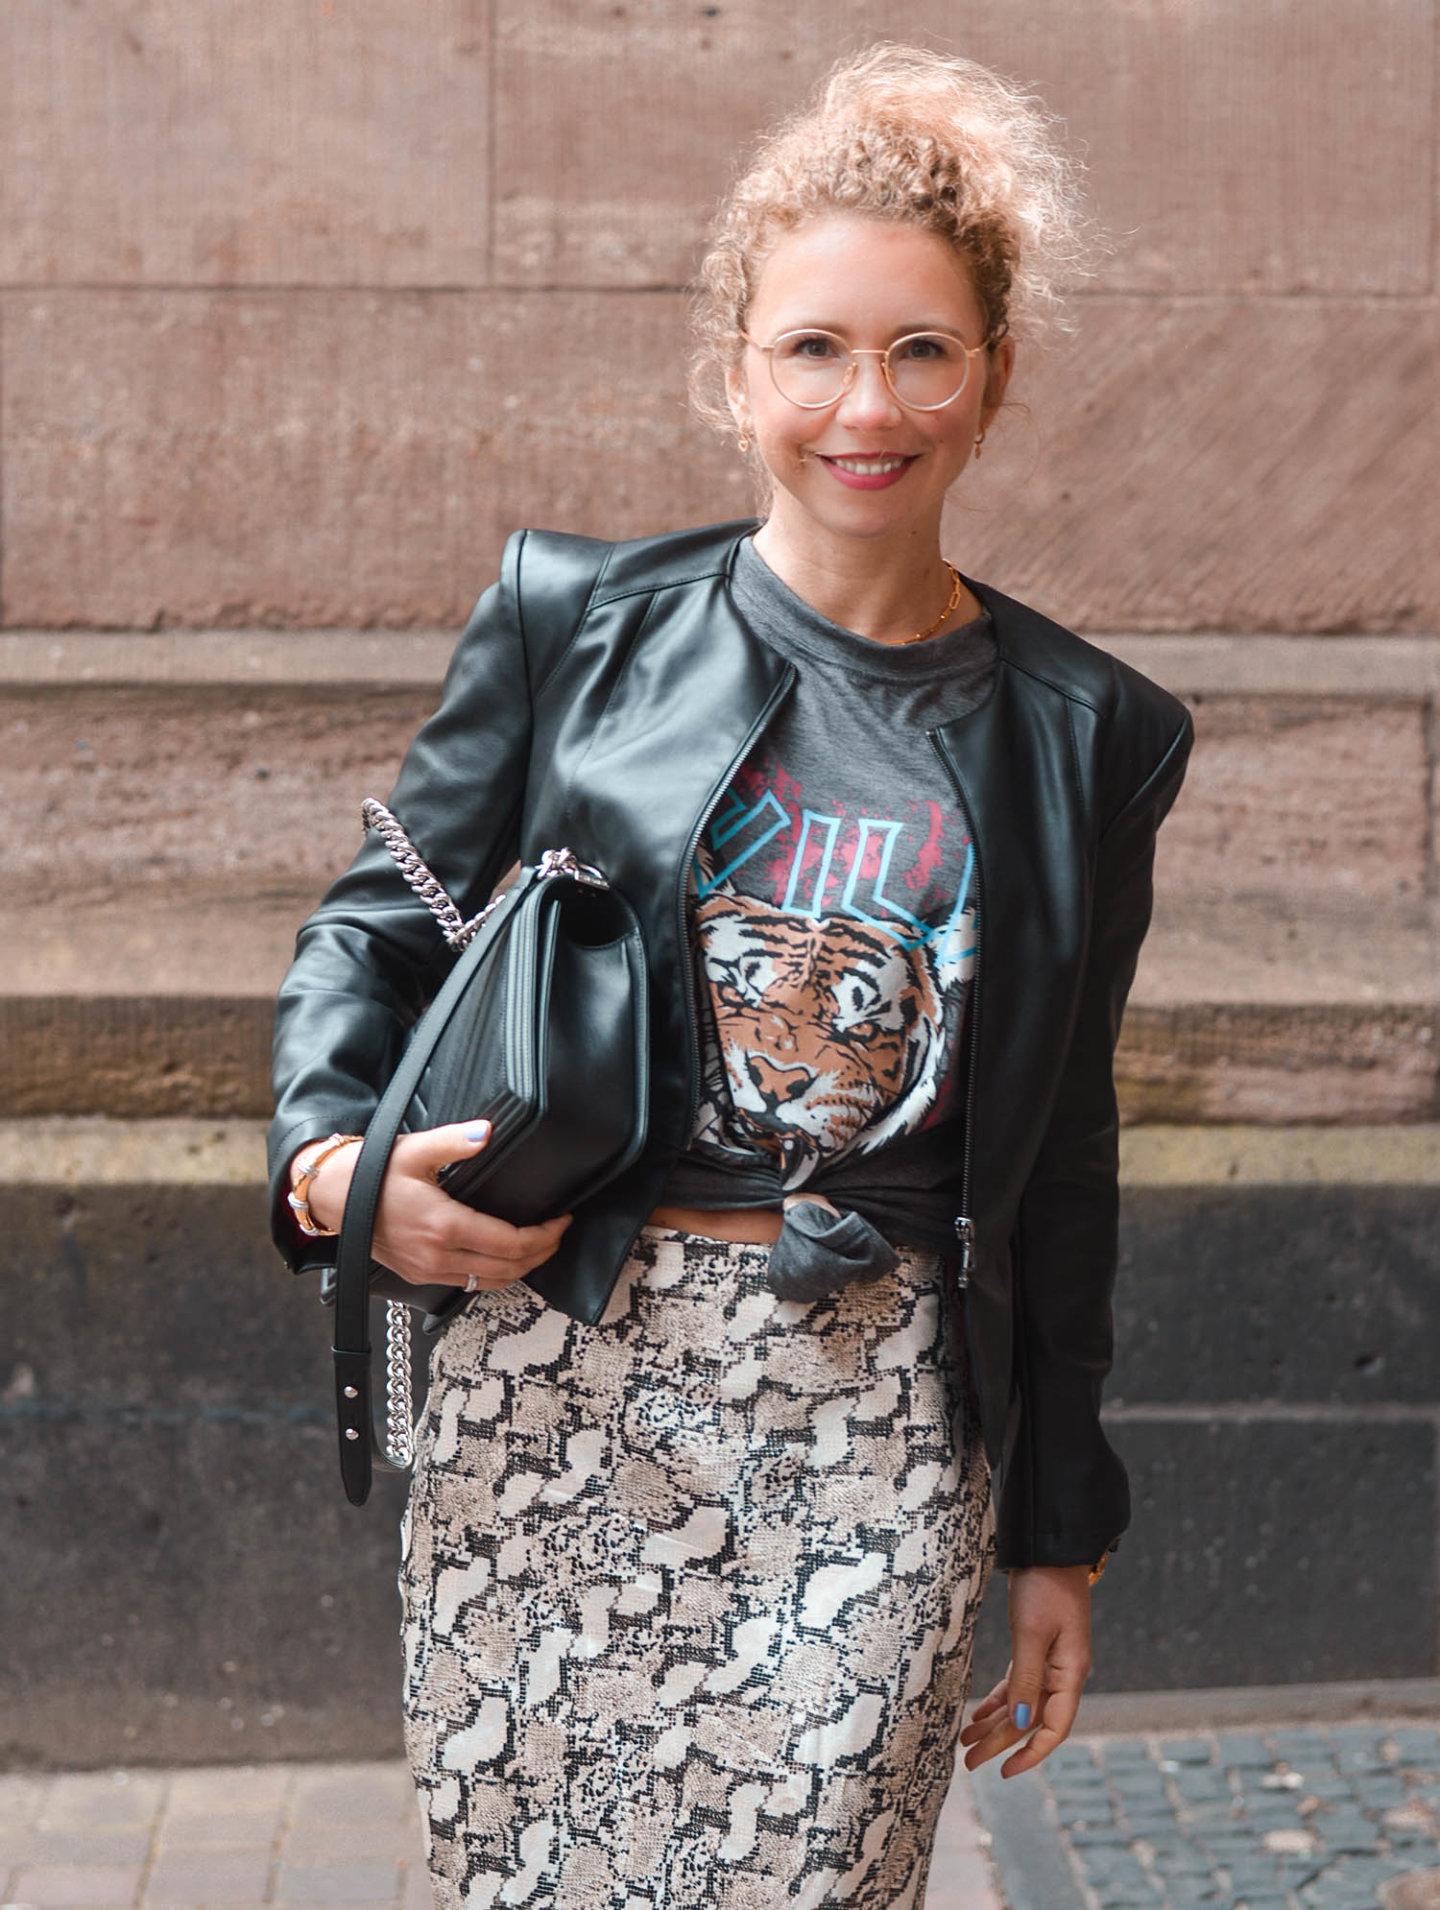 snake print satinrock, Chanel tasche und Rock-shirt